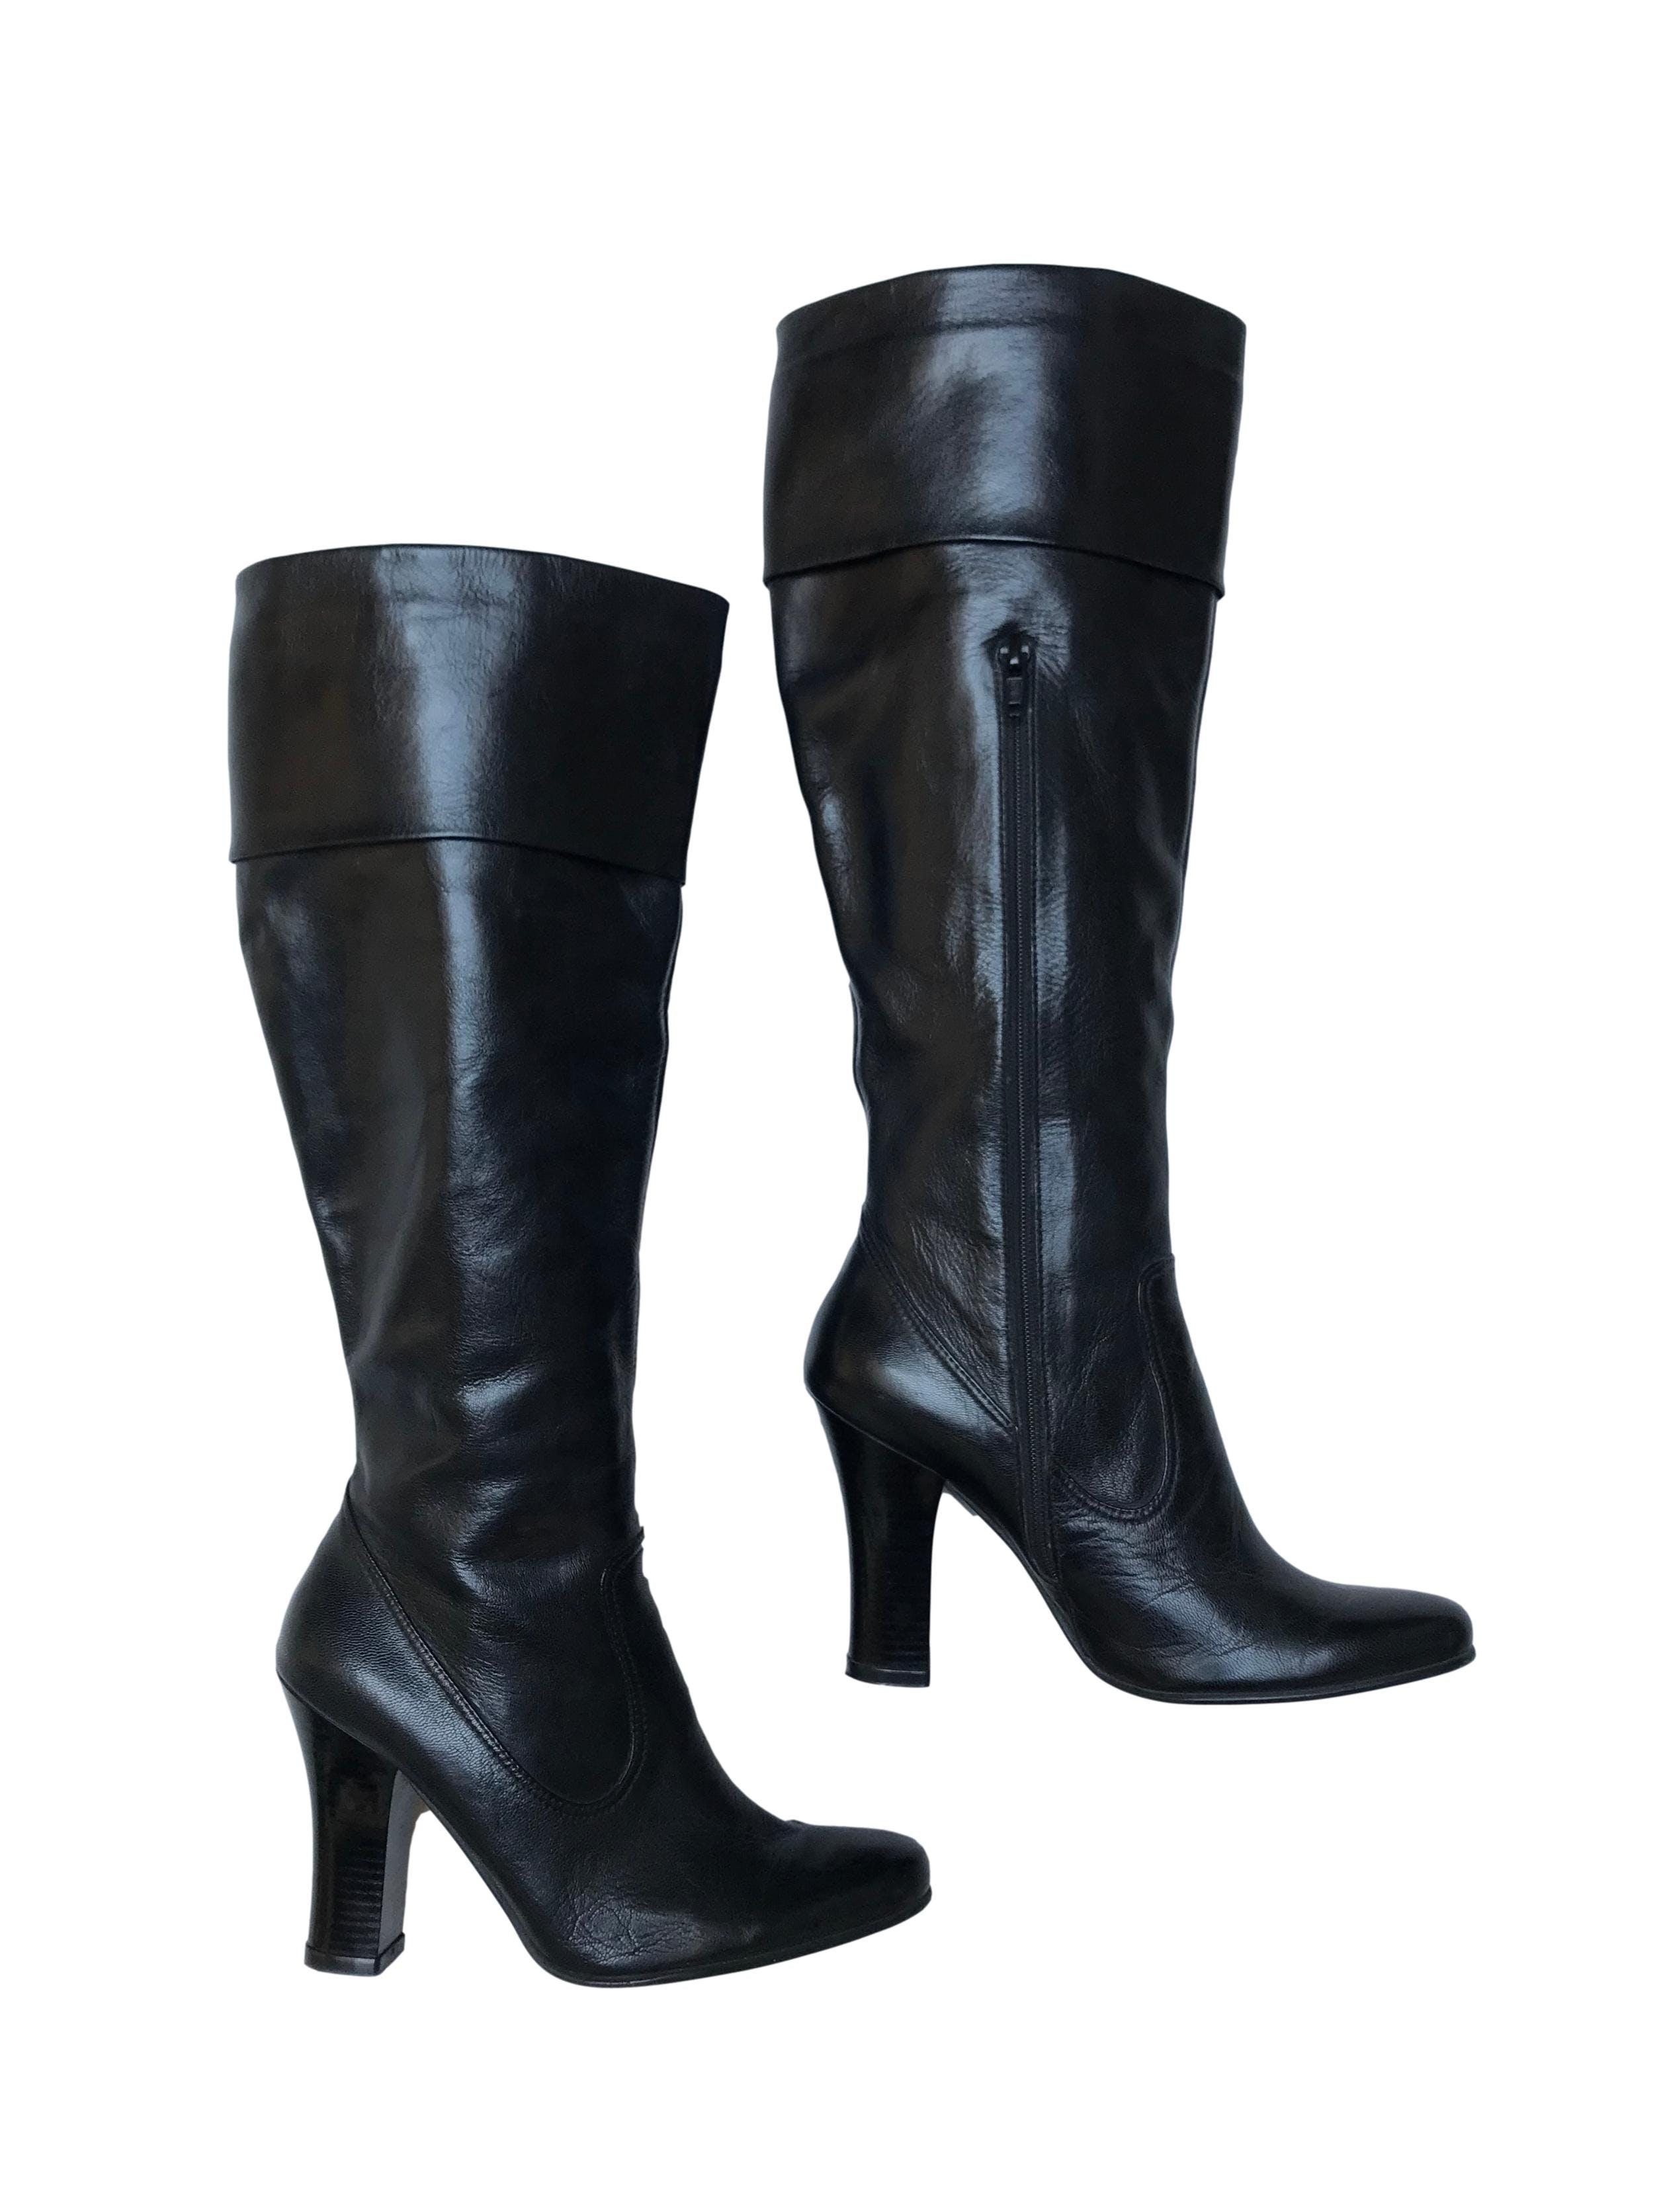 Botas Maripi 100% cuero negro con cierre lateral interno, taco 9cm, caña alta 35cm desde el talón. En perfecto estado 9.5/10